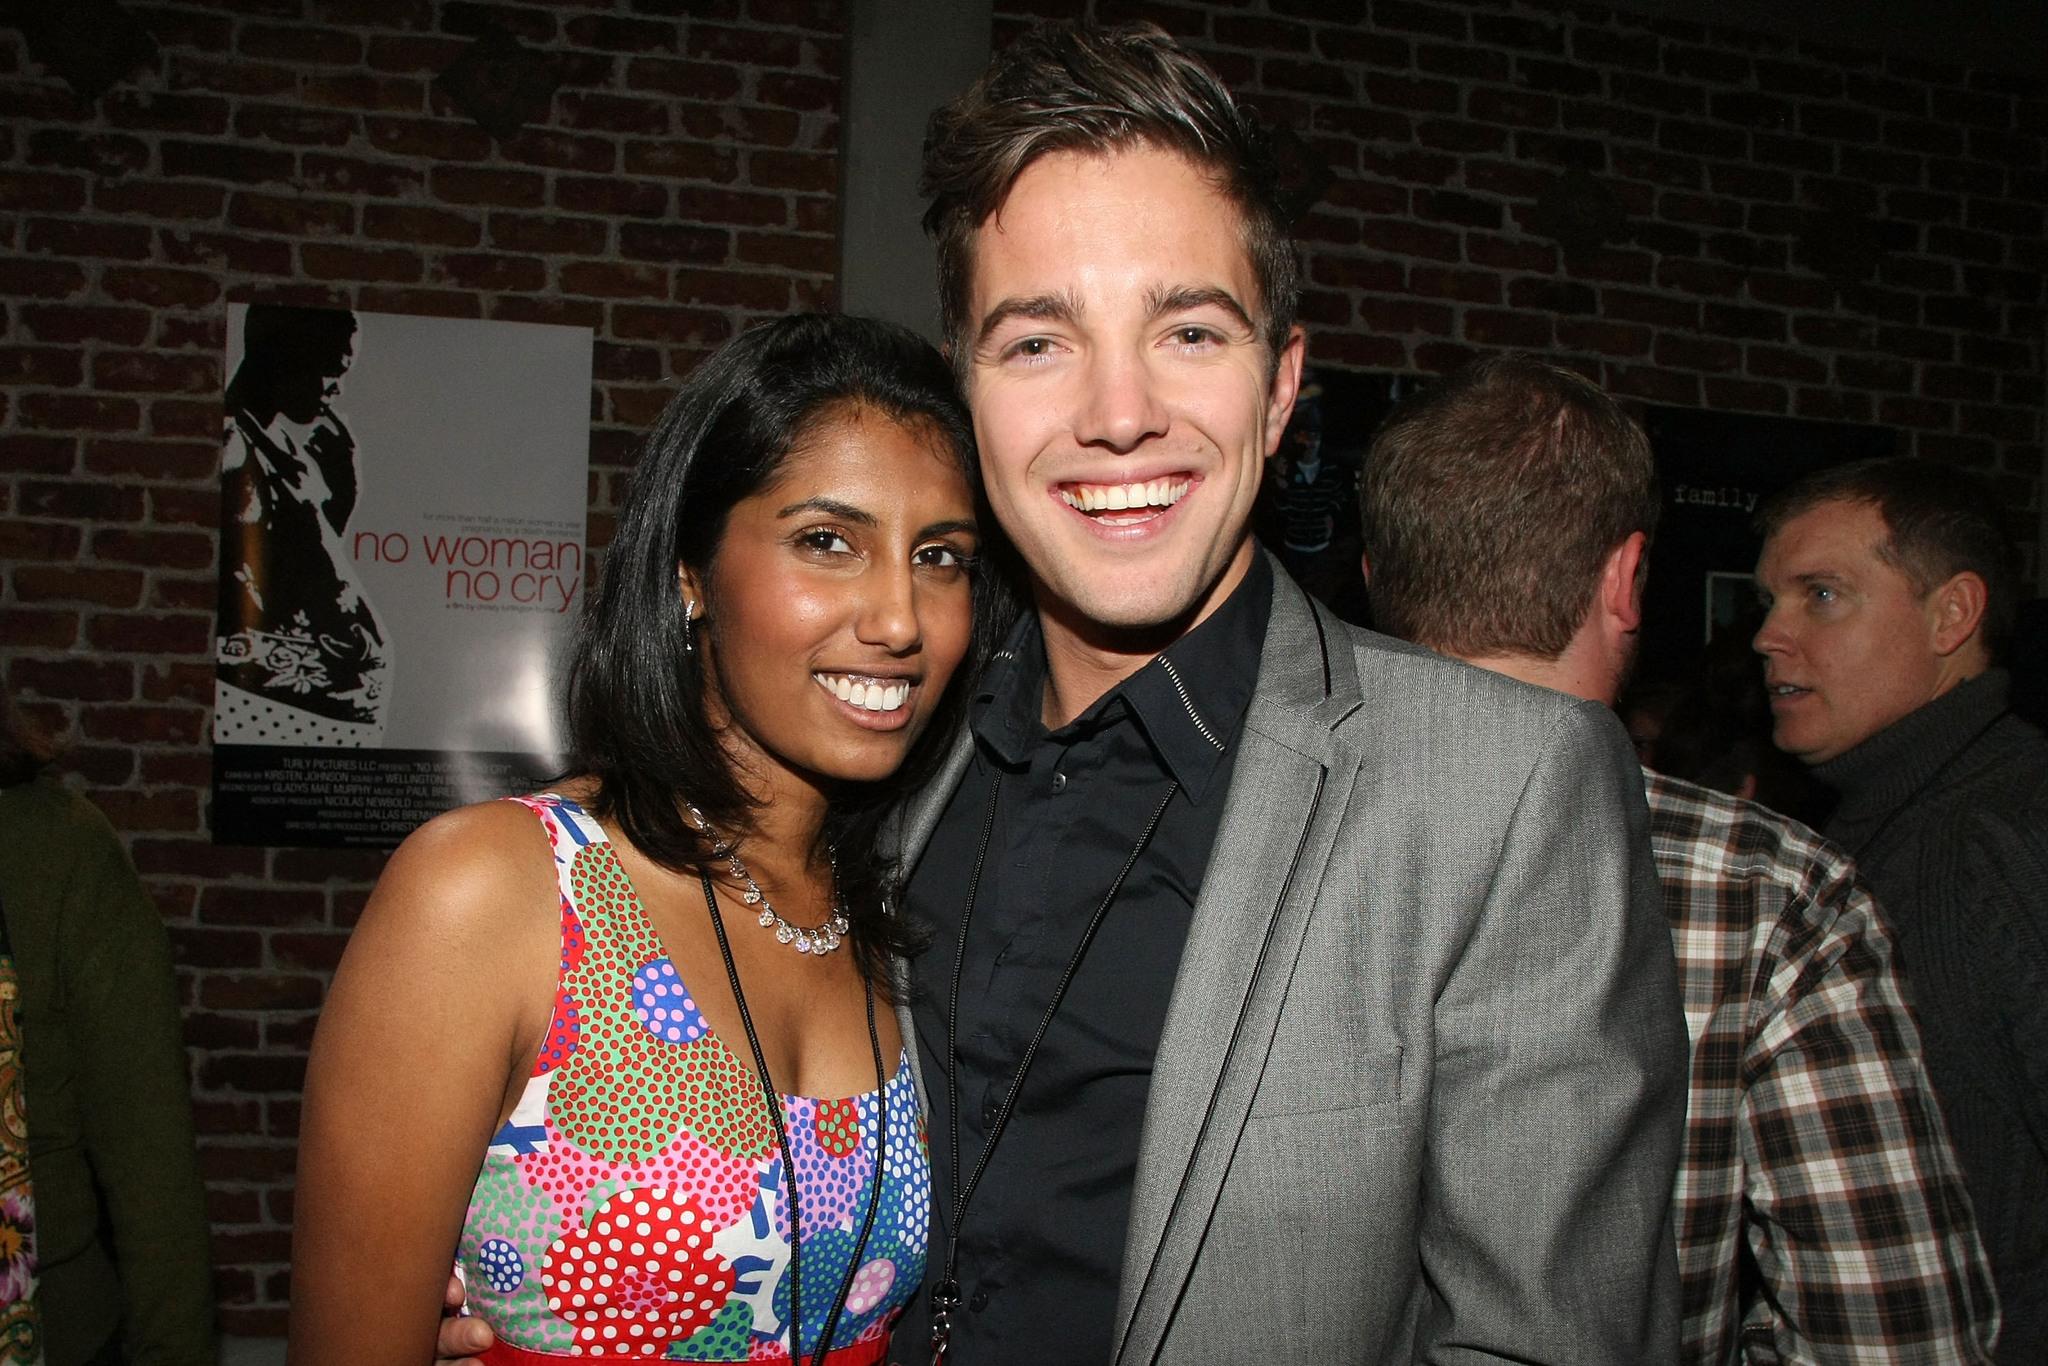 Philip Lyall and Nimisha Mukerji